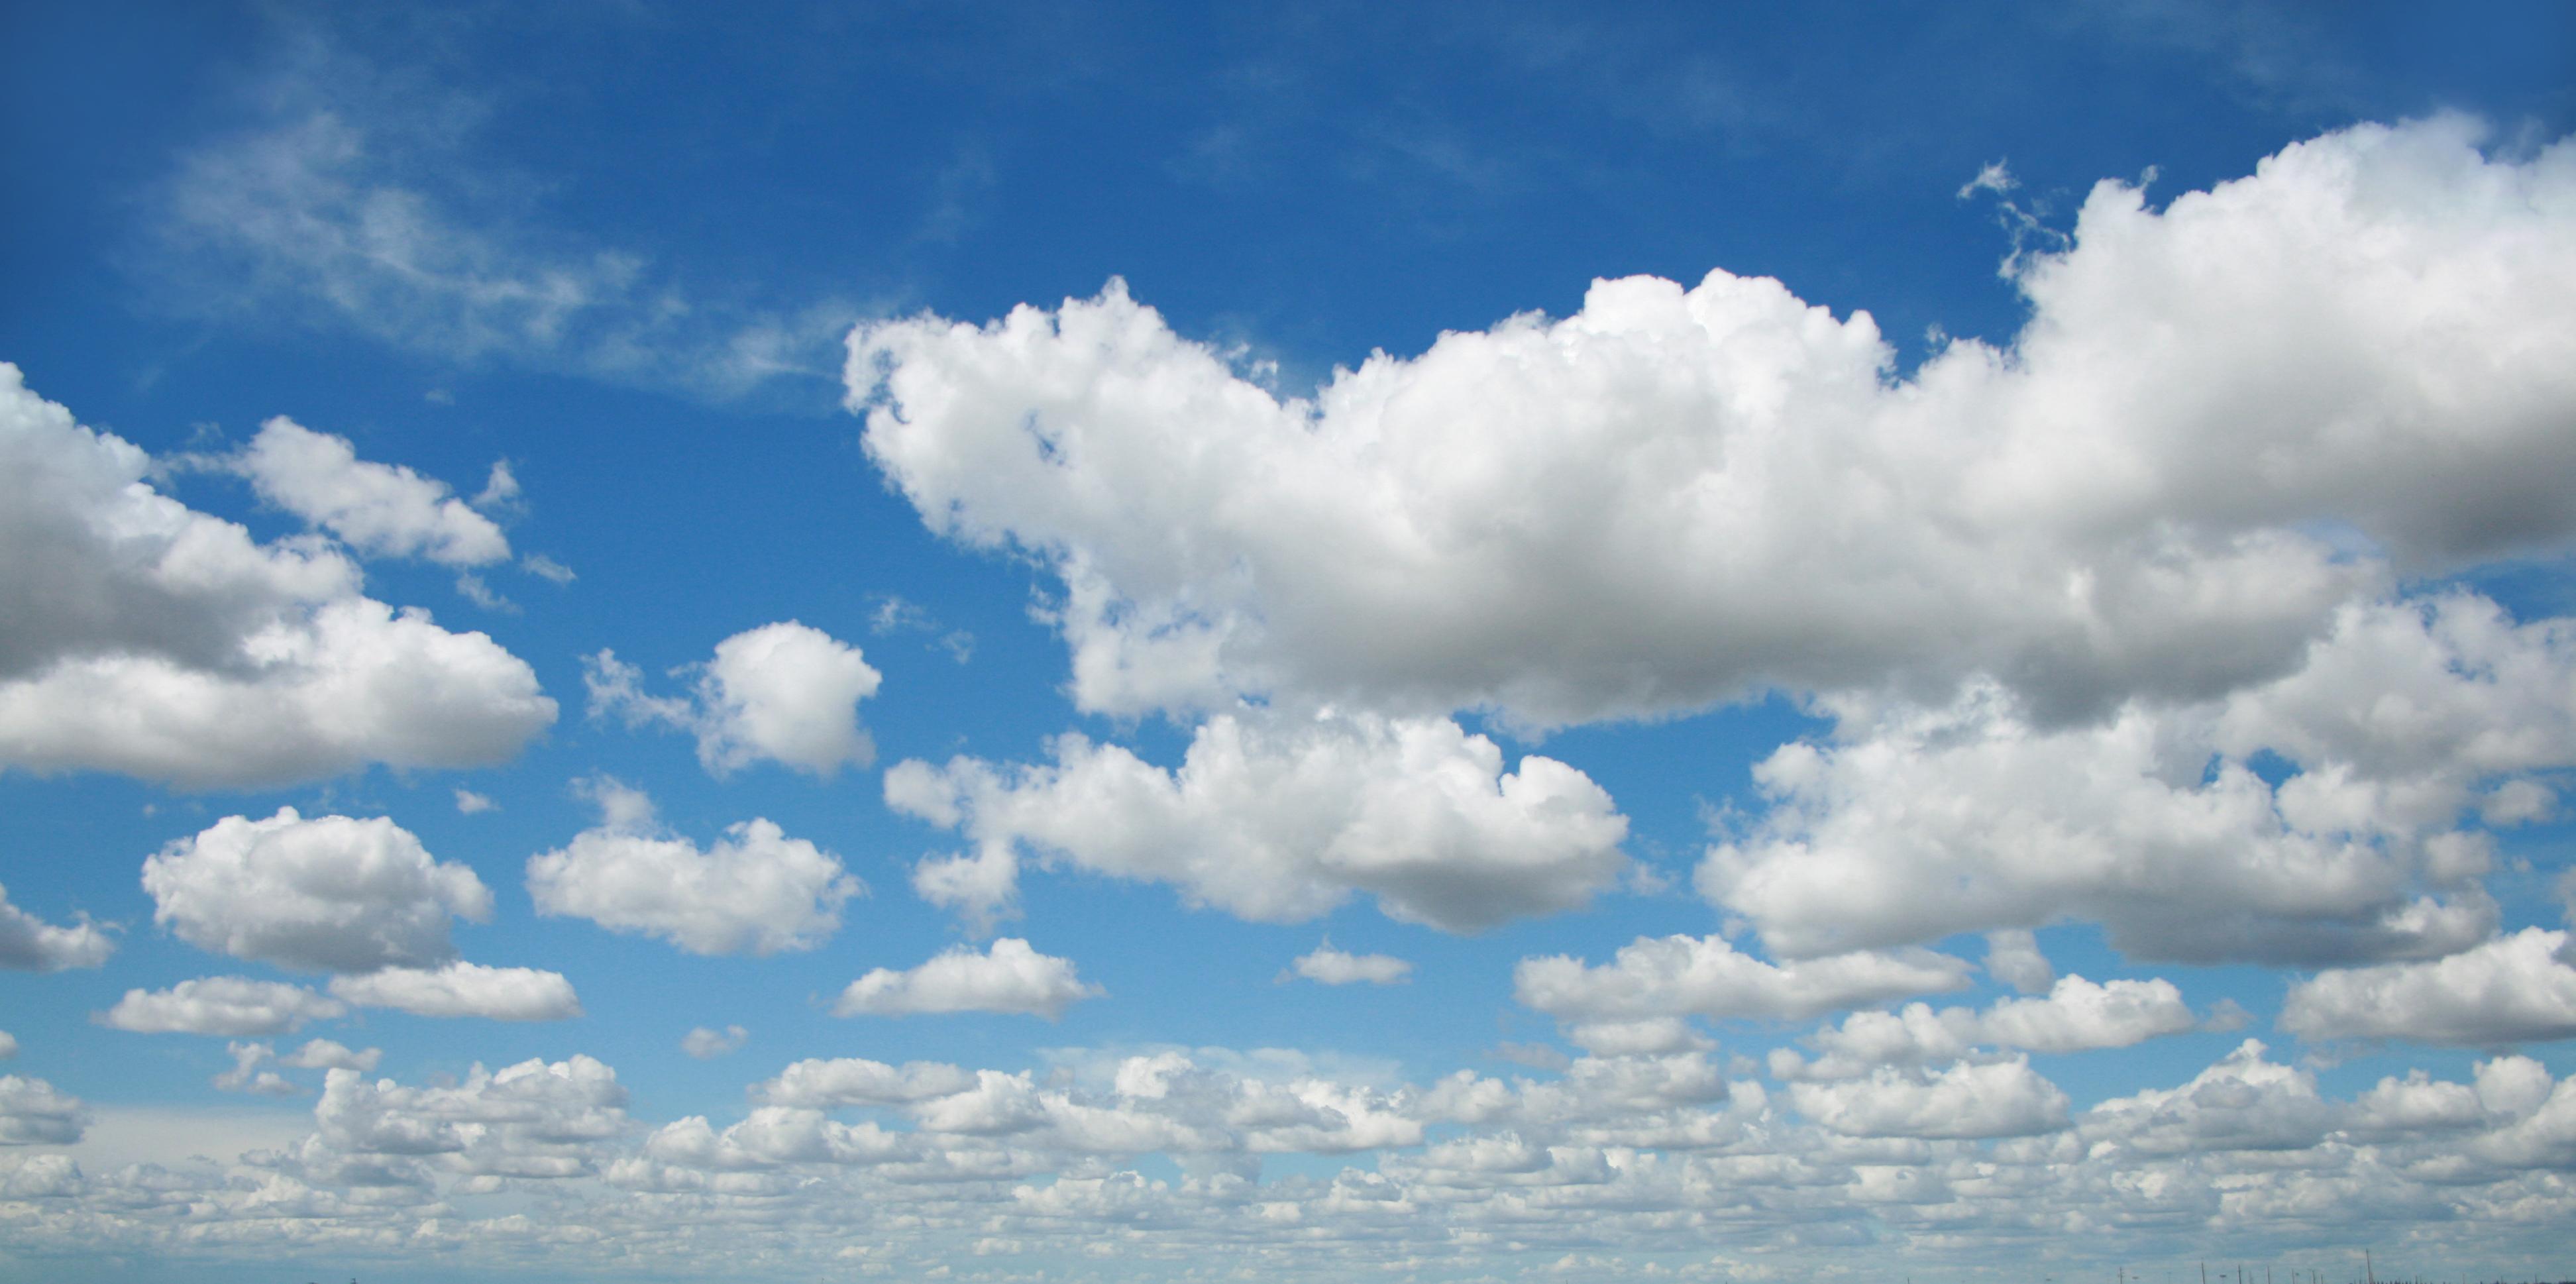 Cloud #18